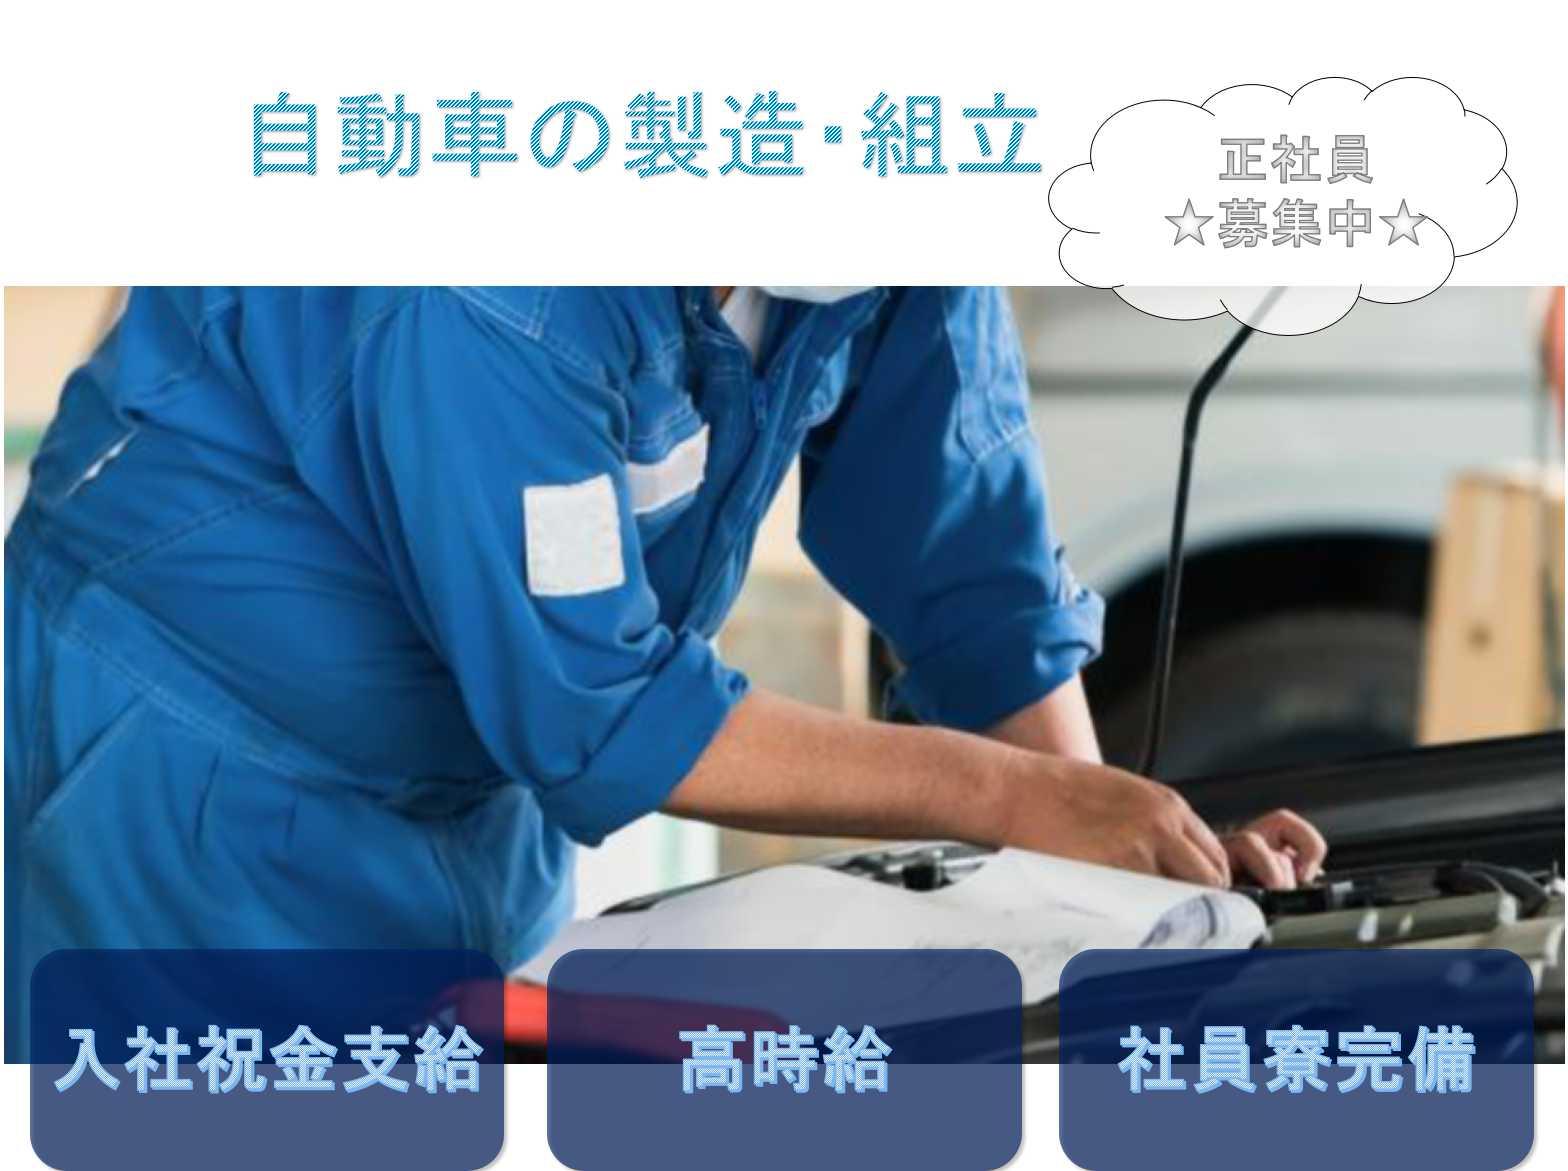 【正社員】入社祝金支給◆高時給◆自動車の製造・組立◆ イメージ